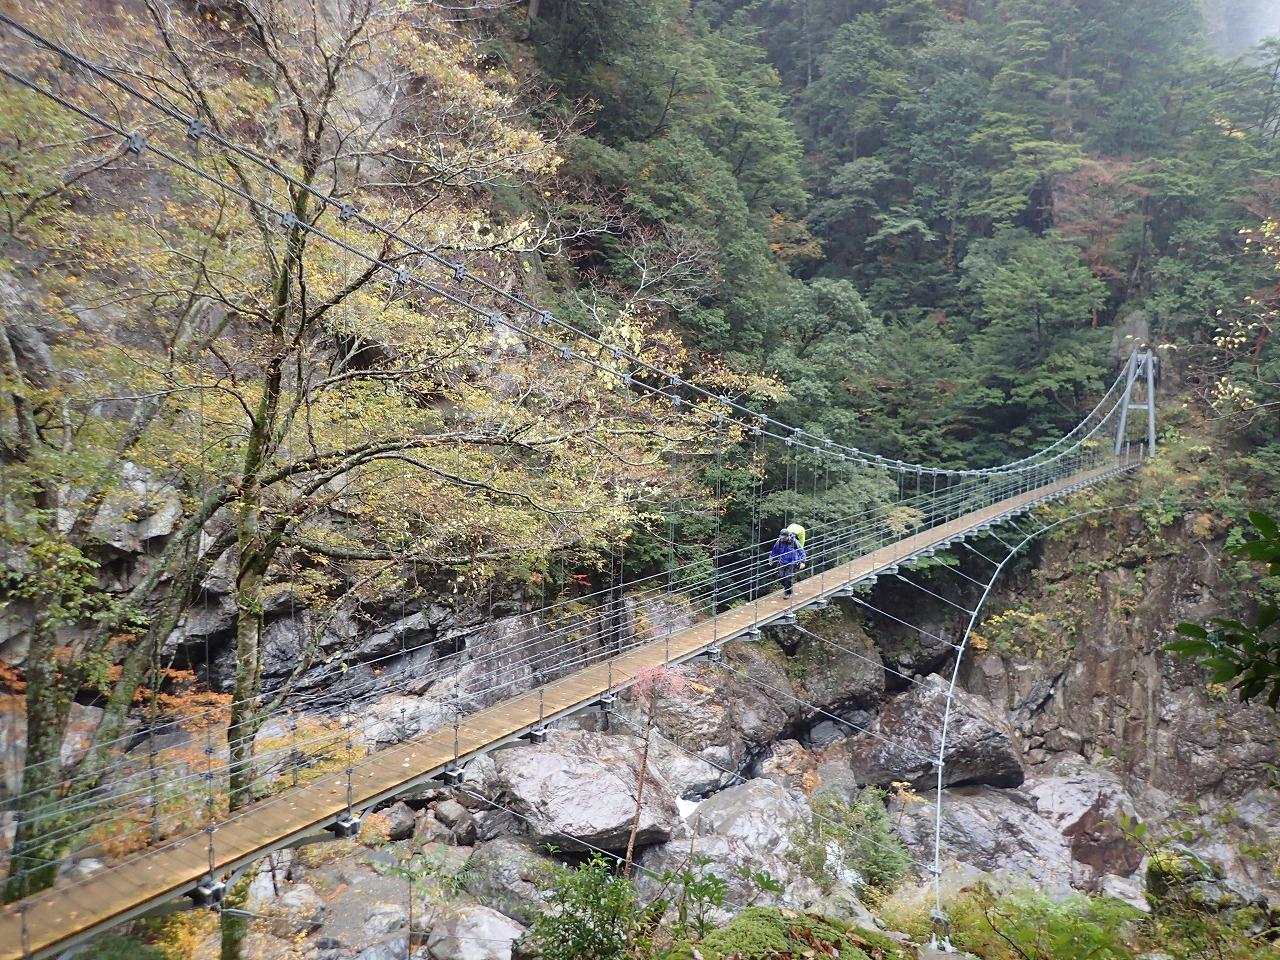 秋の大杉谷 大杉谷峡谷には11もの吊橋がかかっていてそこからは雄大な景色を楽しむ事ができます。